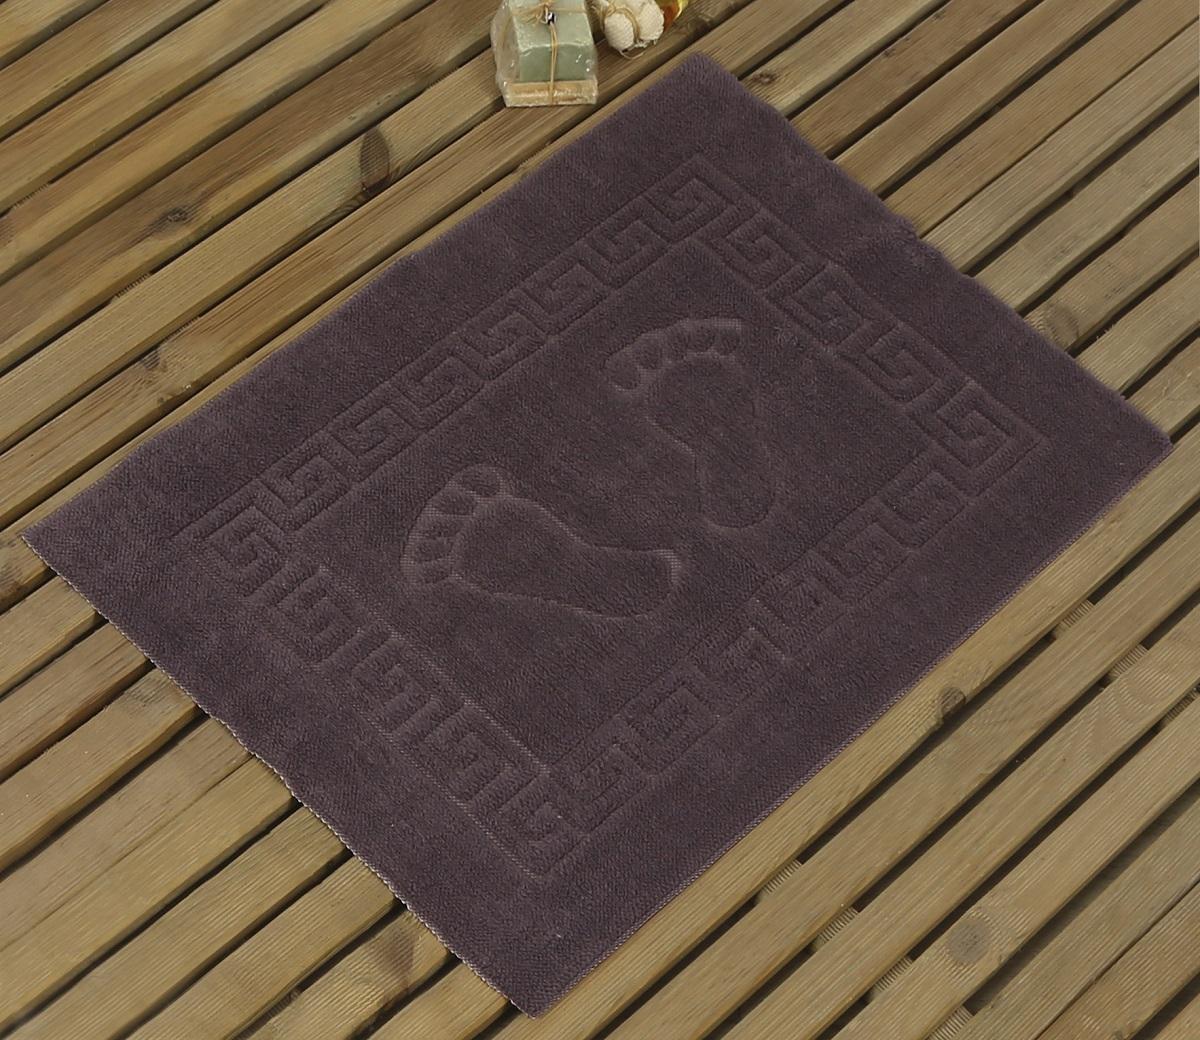 Коврик для ванной Karna Likya, цвет: светло-лаванда, 50 х 70 см631/CHAR021Коврик Karna сделан из 100% полиэстера. Полиэстер является синтетическим волокном. Ткань, полностью изготовленная из полиэстера, даже после увлажнения, очень быстро сохнет. Изделия из полиэстера практически не требовательны к уходу и обладают высокой устойчивостью к износу. Изделия из полиэстера не мнутся и легко стираются, после стирки очень быстро высыхают. Материал очень прочный, за время использования не растягивается и не садится. А также обладает высокой влагонепроницаемостью.